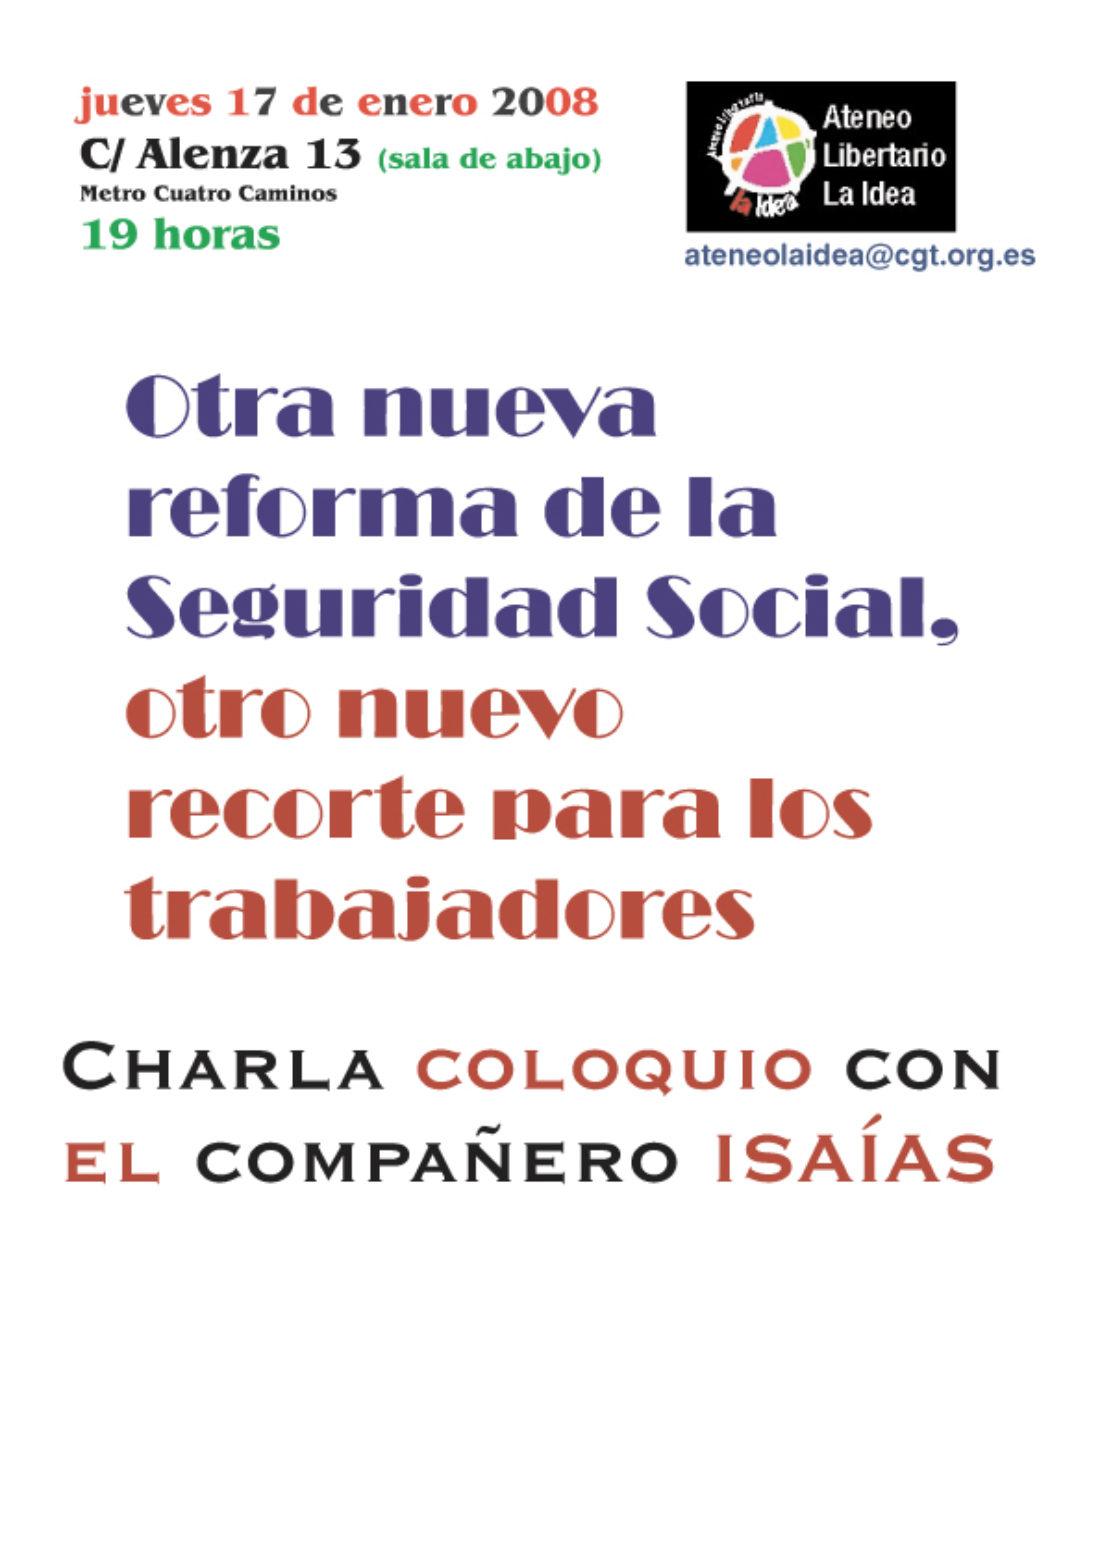 Ateneo La Idea: charla-coloquio «otra nueva reforma de la Seguridad Social, otro nuevo recorte para los trabajadores»